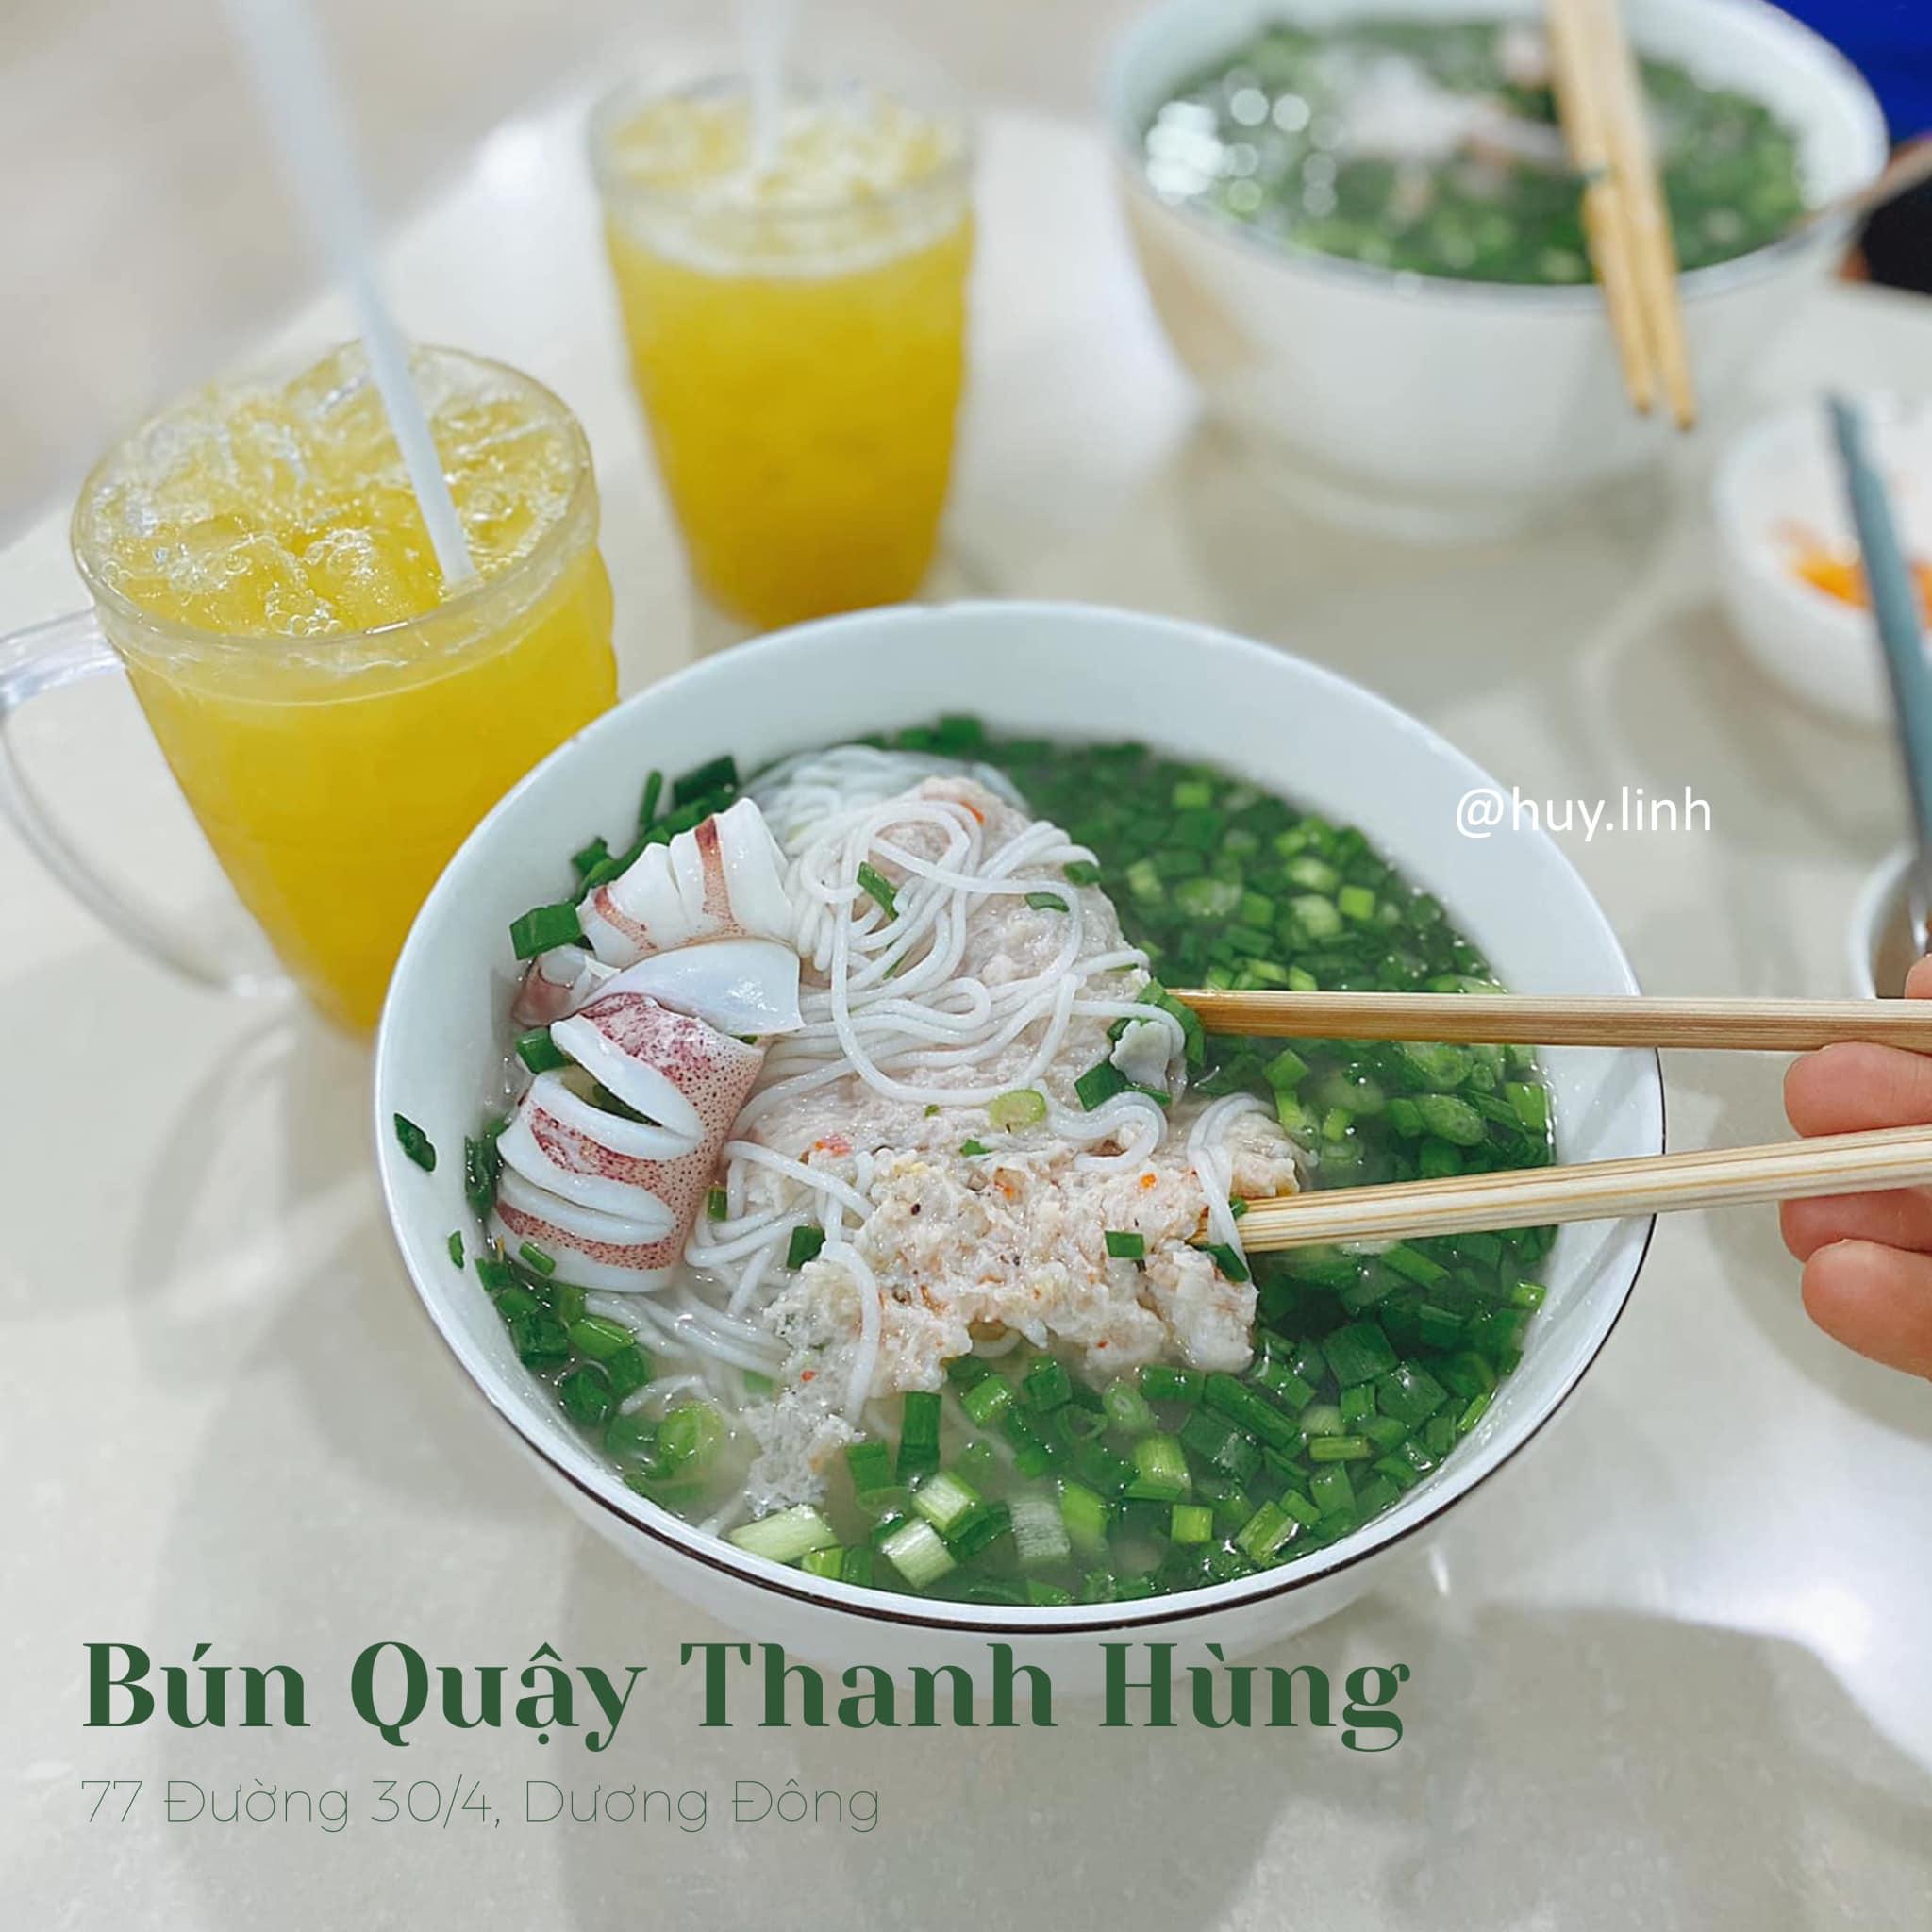 Bún quậy Thanh Hùng